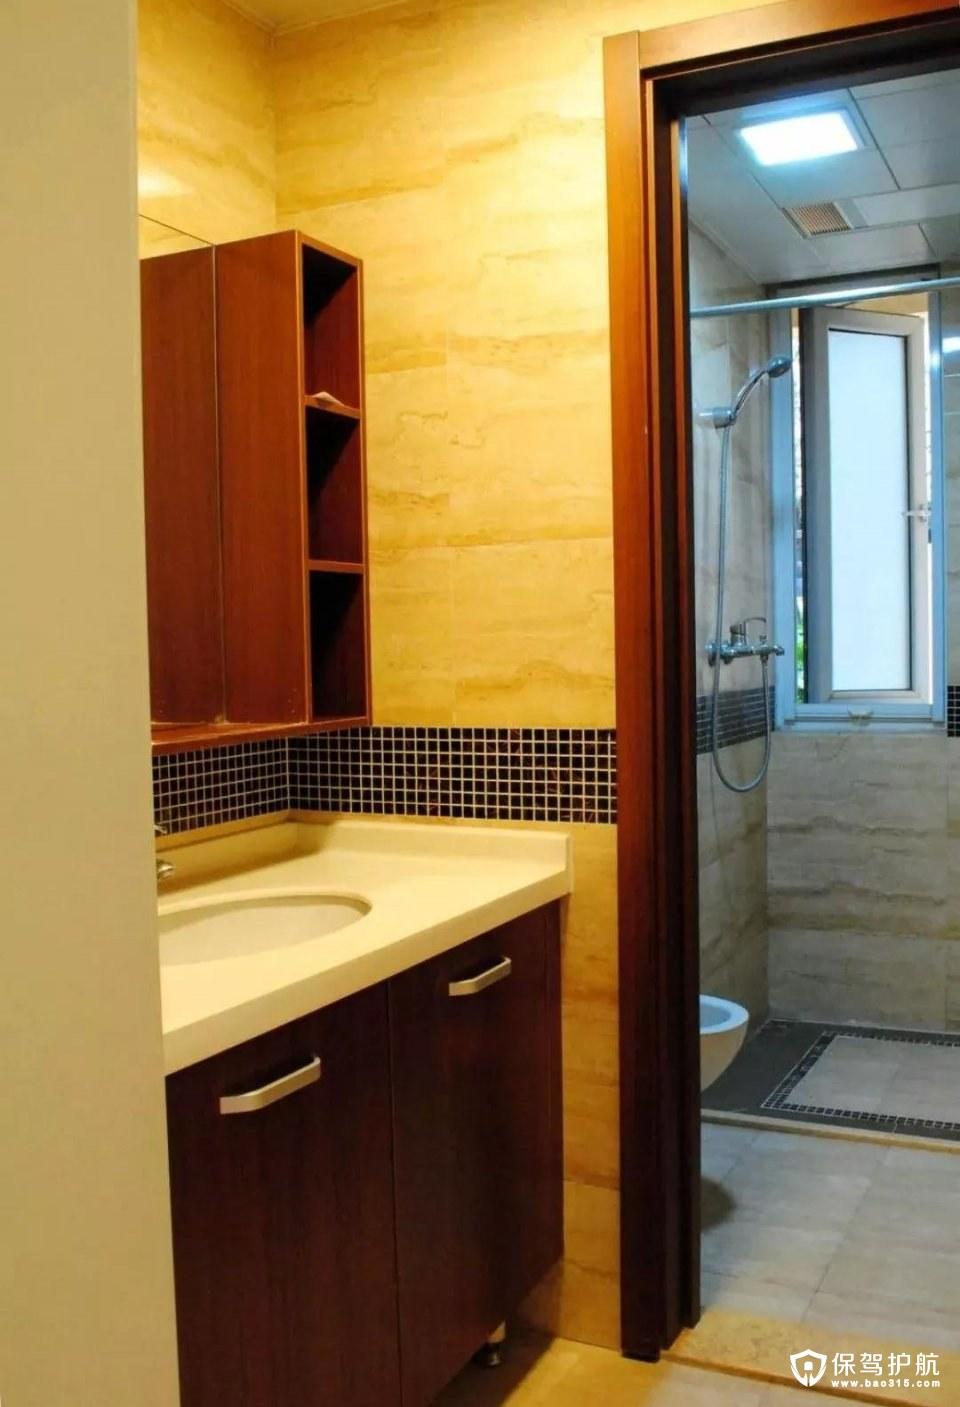 卫生间的墙上贴着黑色的马赛克腰线,深色墙砖搭配木色的门框镜柜,整体实用而又现代大方。